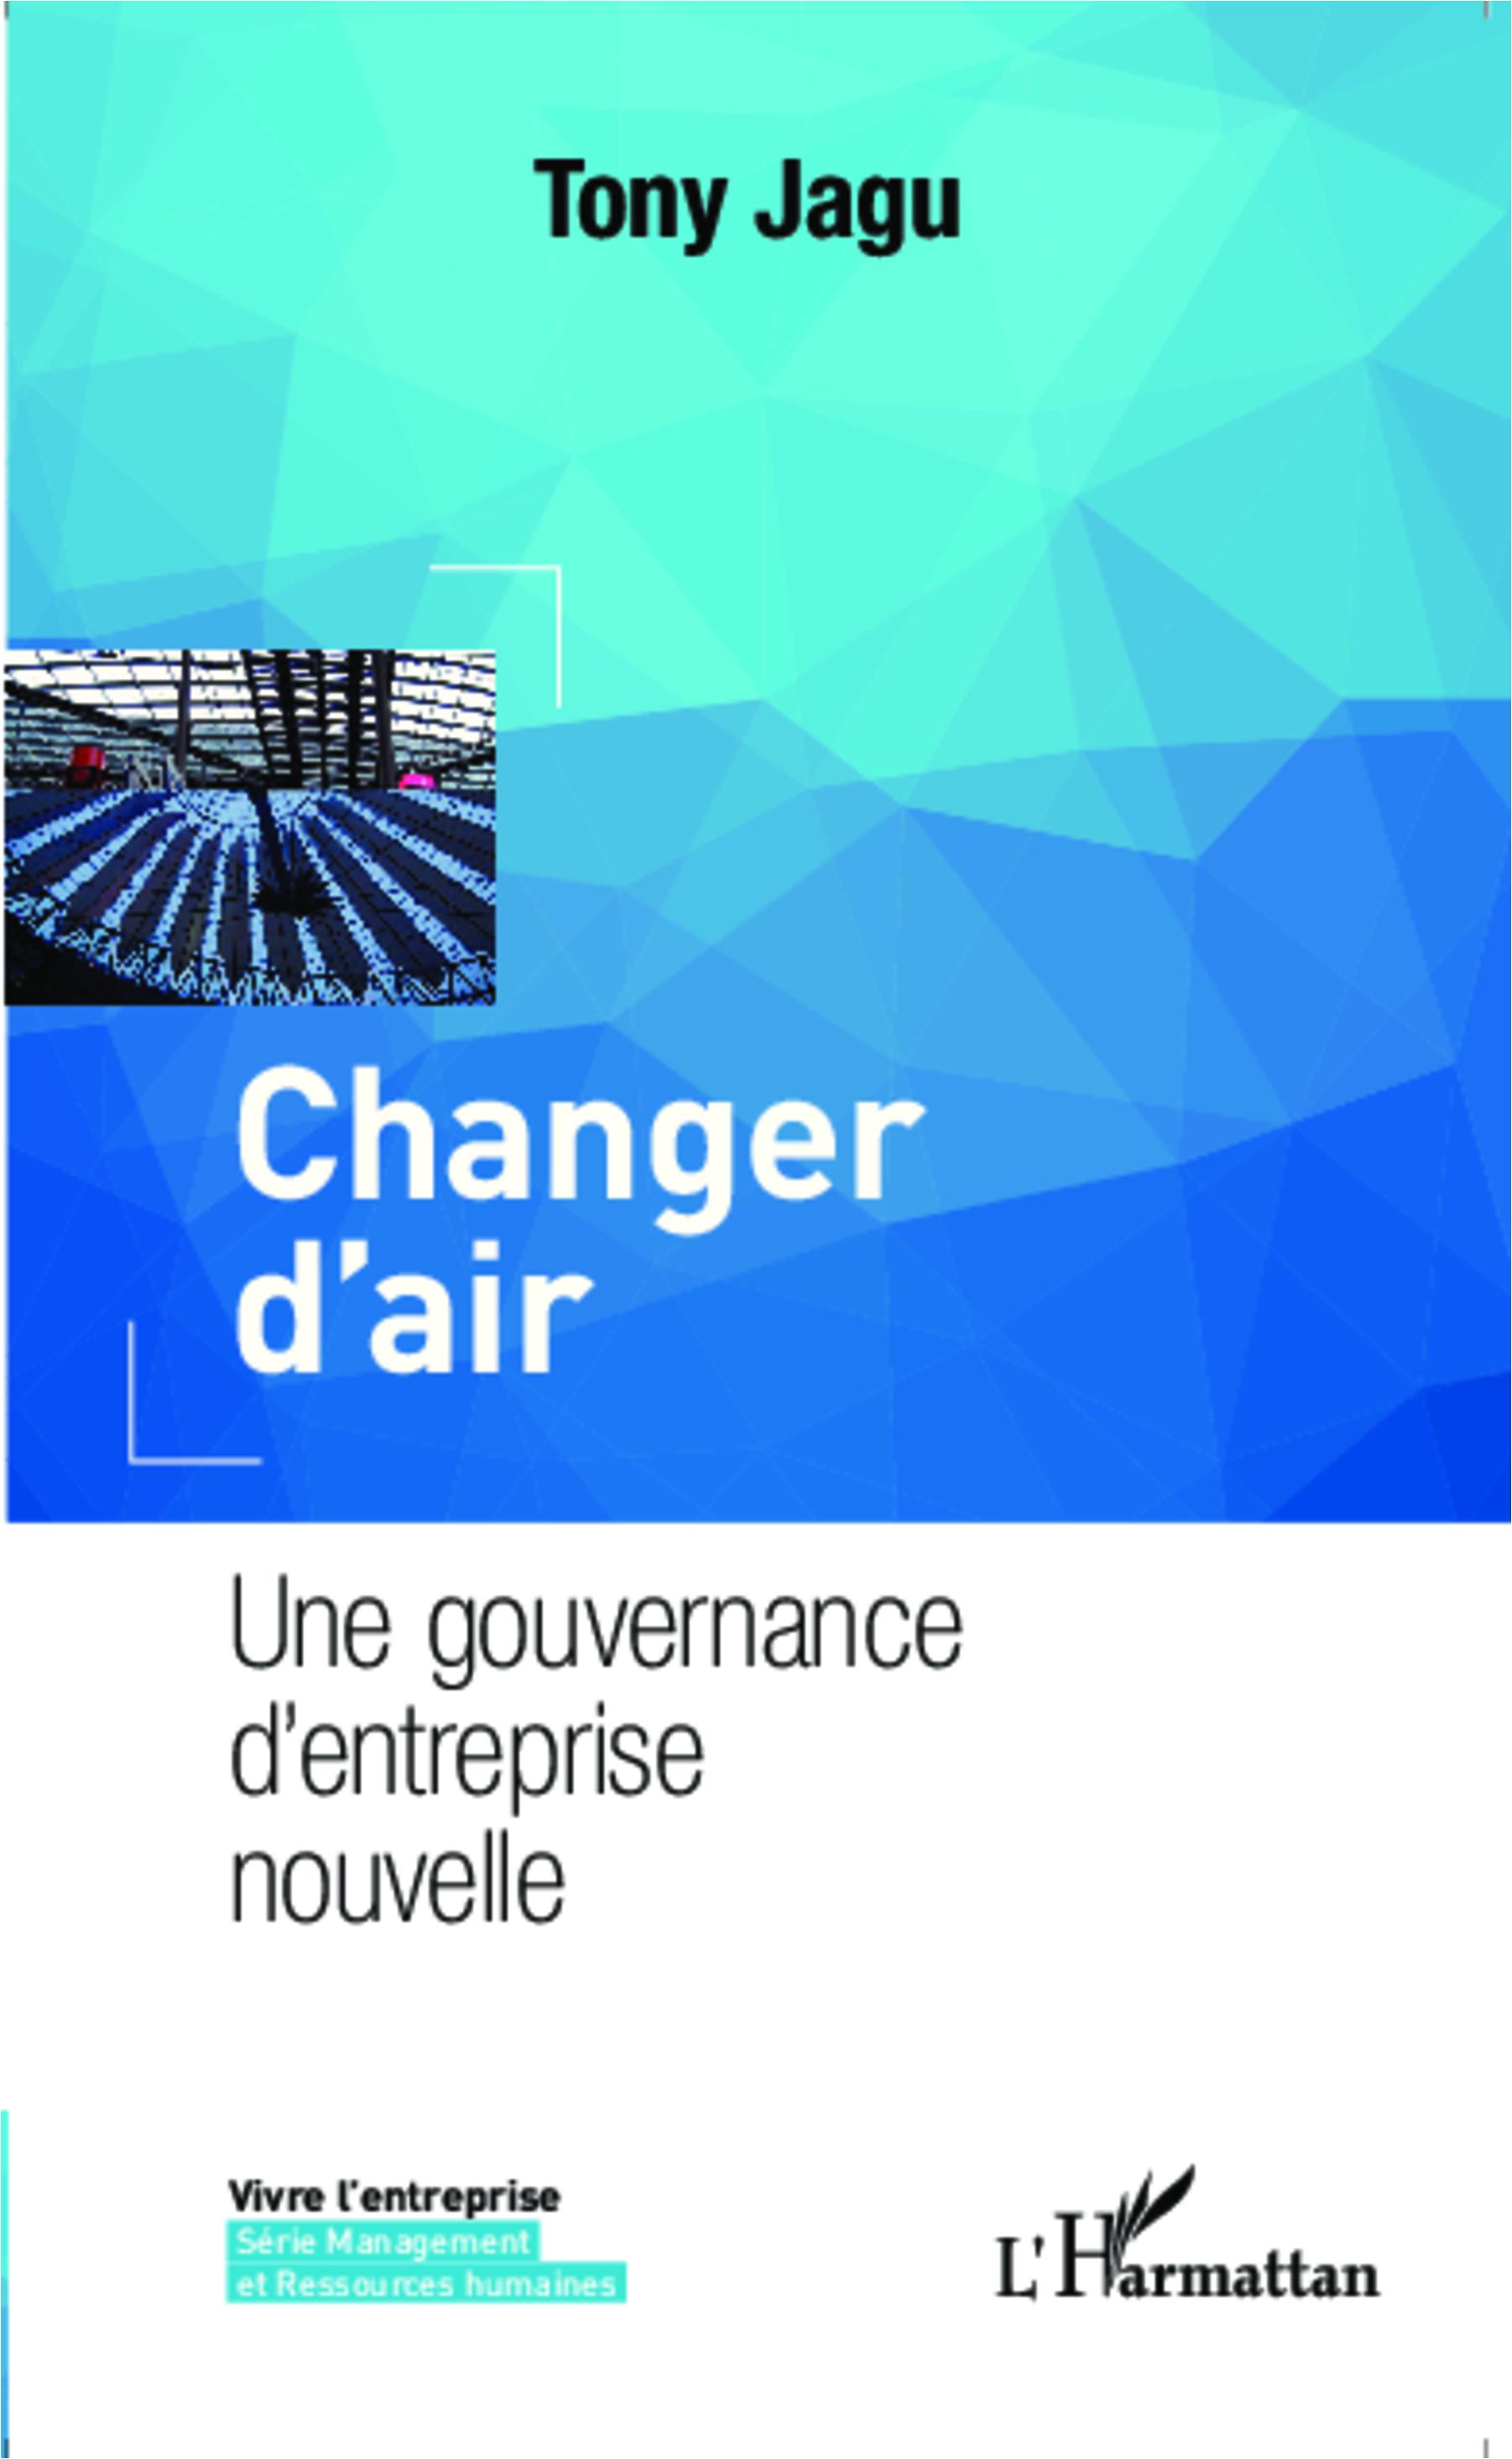 CHANGER D'AIR UNE GOUVERNANCE D'ENTREPRISE NOUVELLE